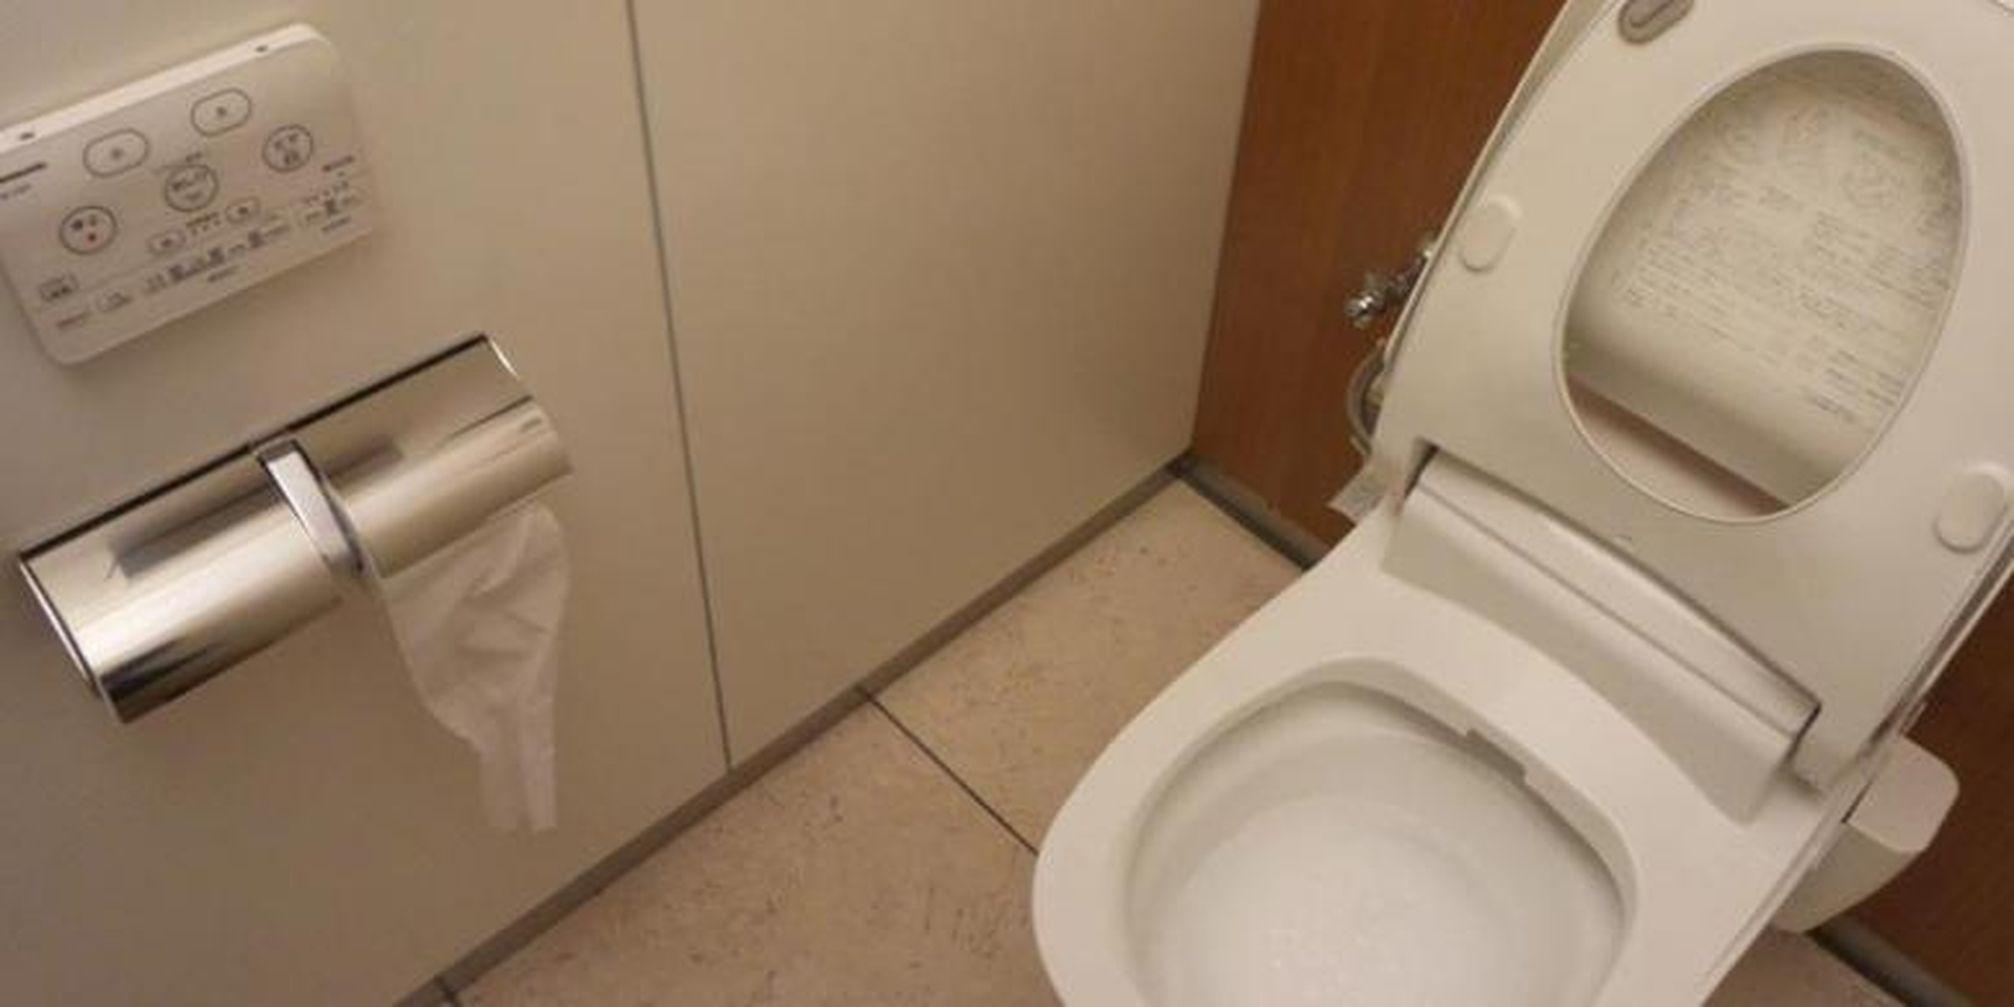 Rumitnya Menggunakan Toilet di Jepang